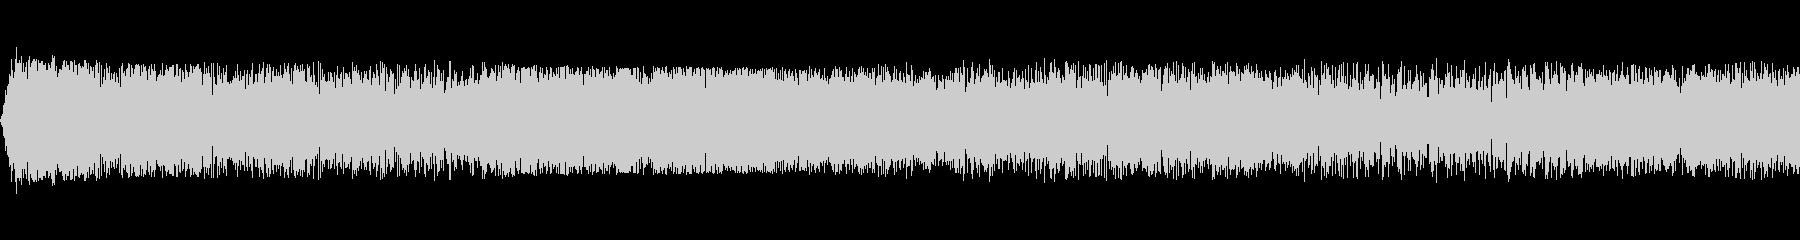 01による板金の弓-LCRの未再生の波形